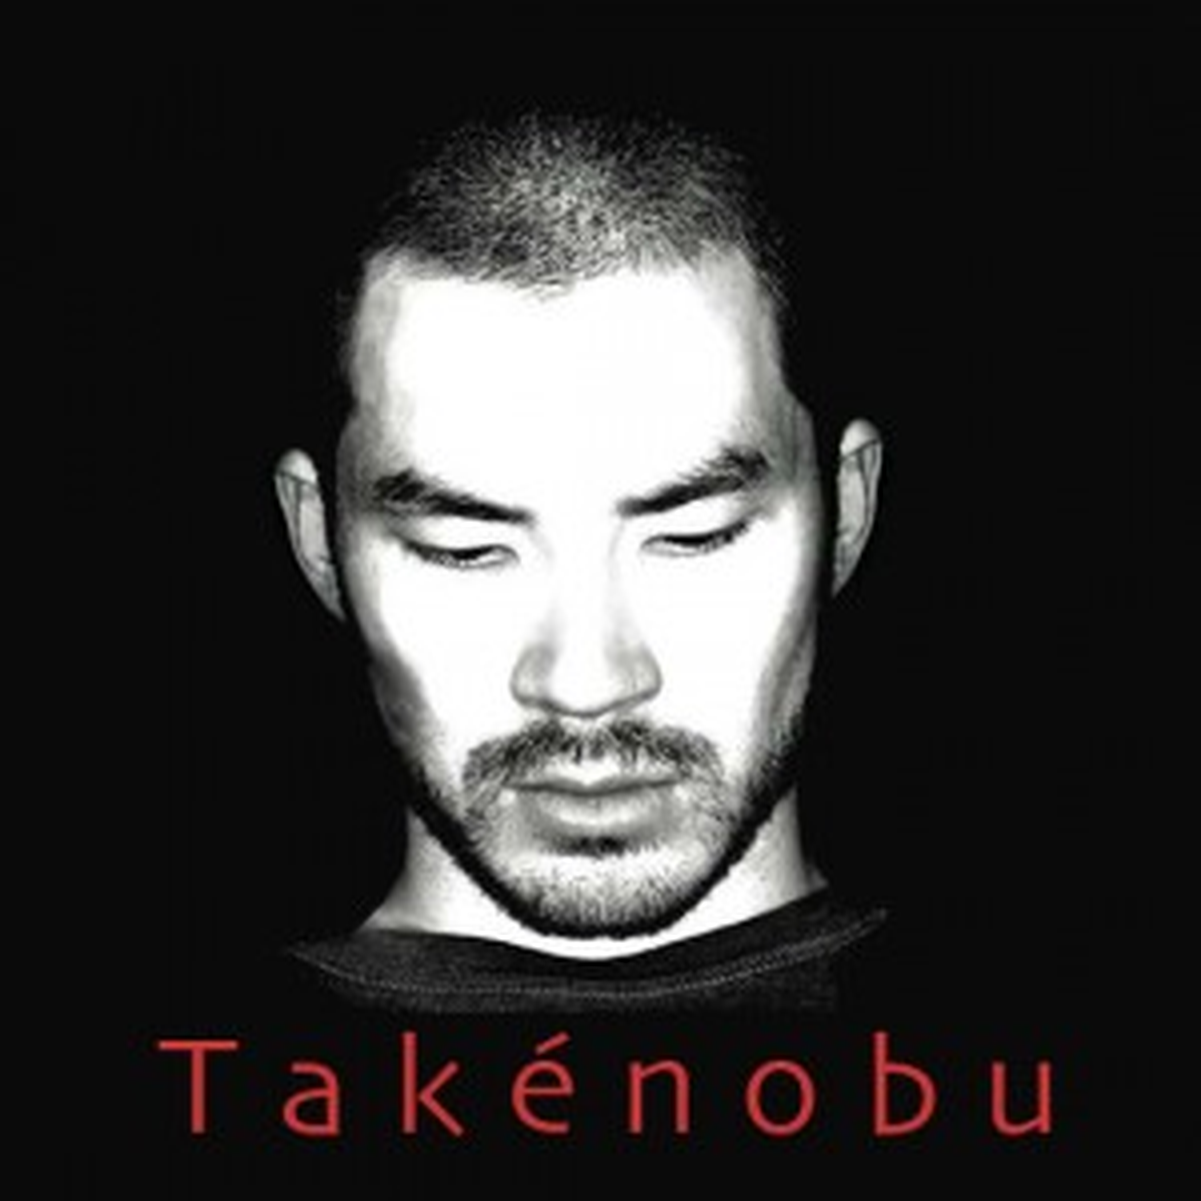 Takenobu